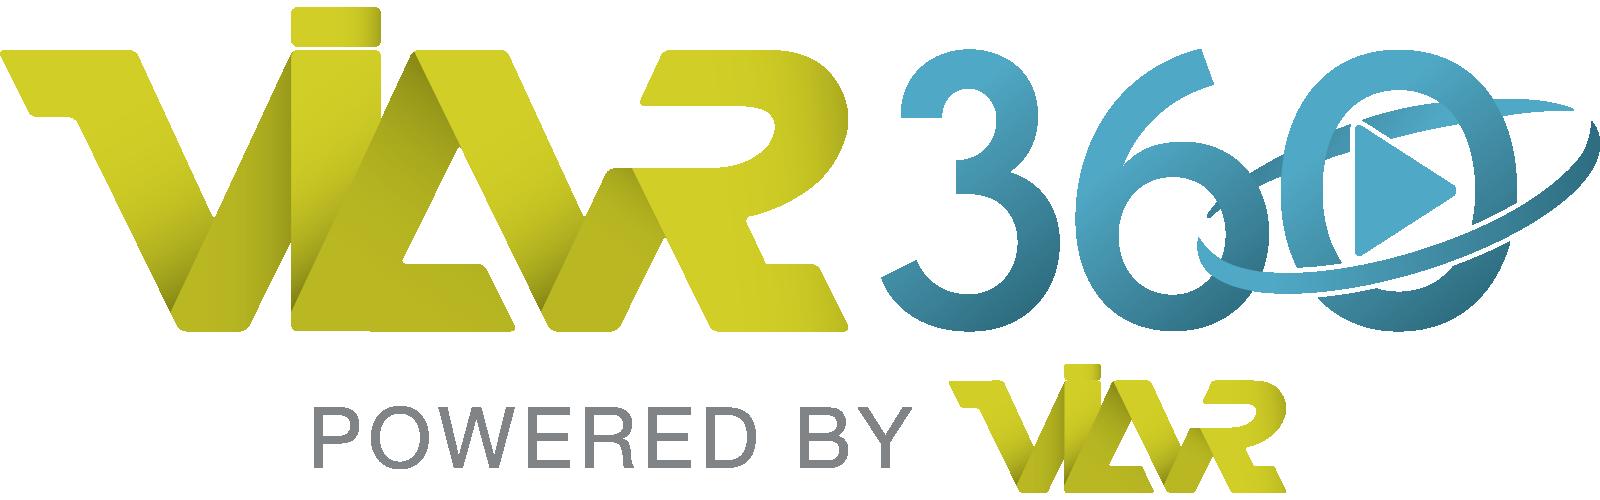 viar360-by-viar